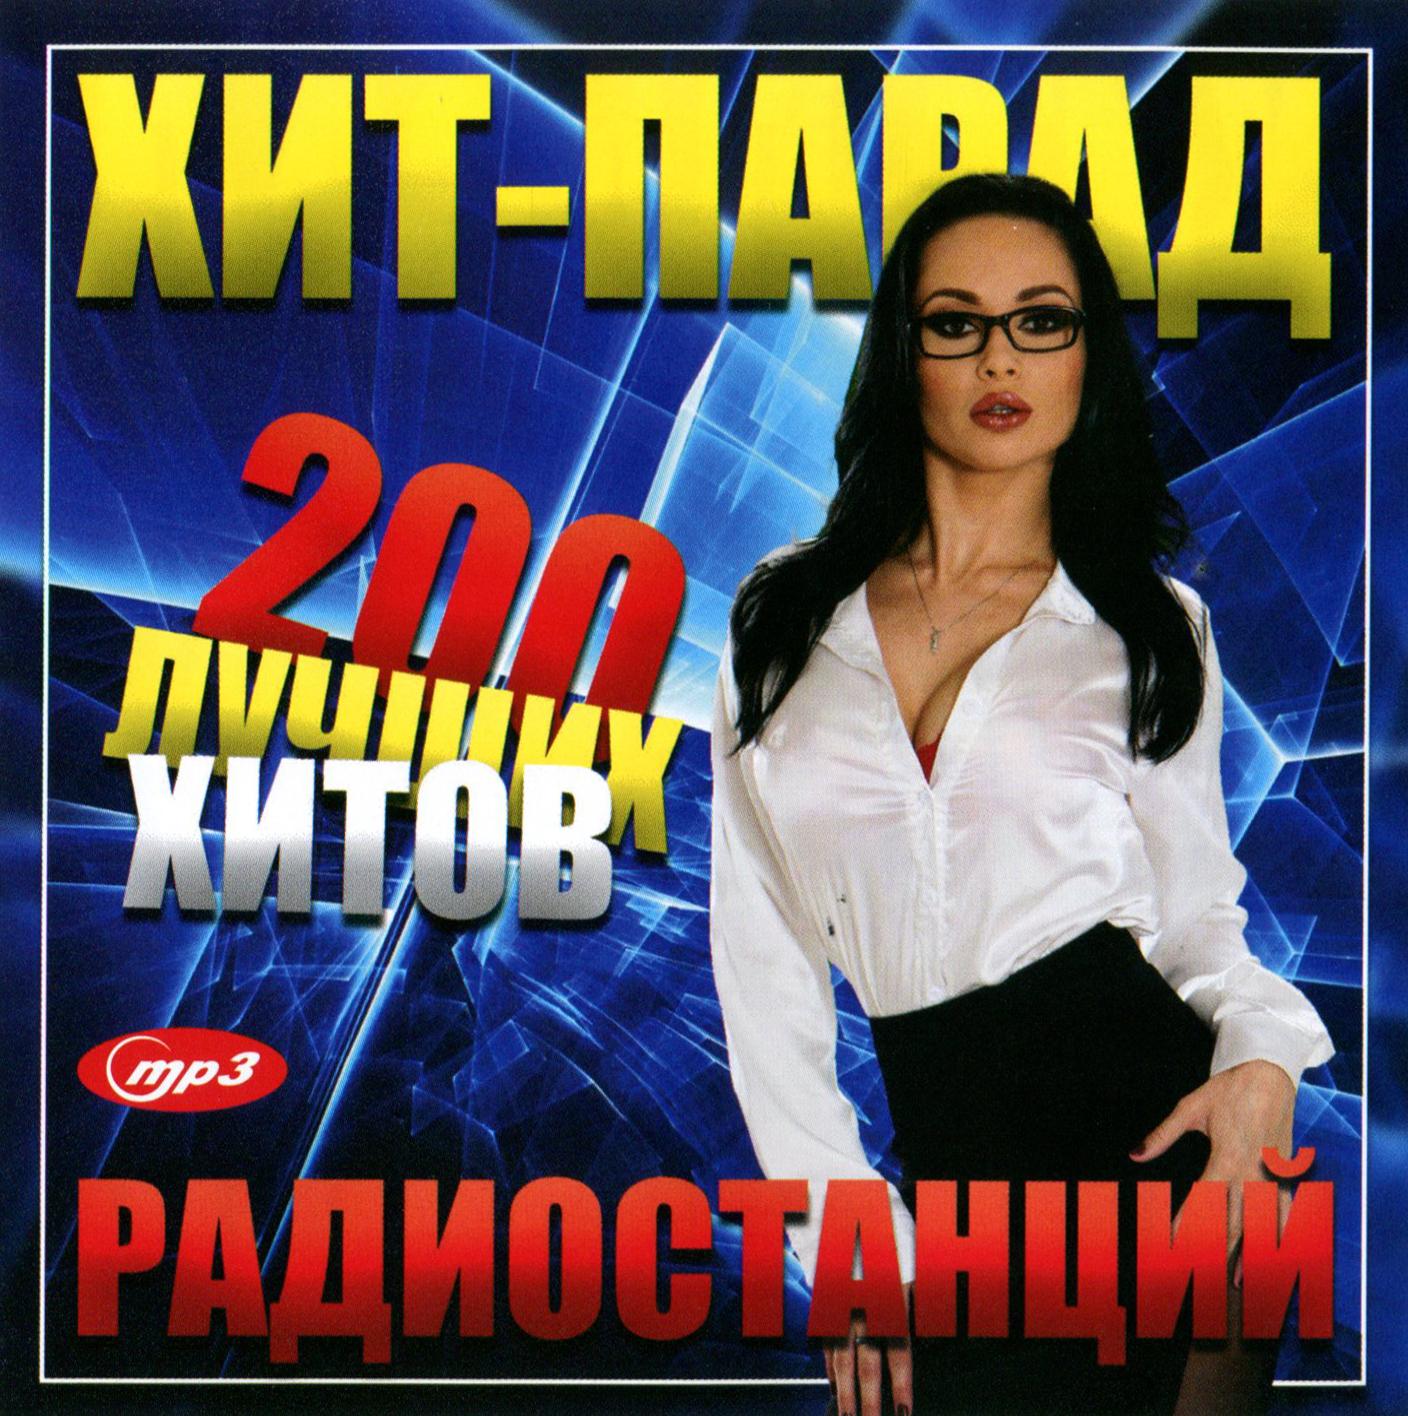 Хит-парад радиостанций - 200 лучших хитов 50/50